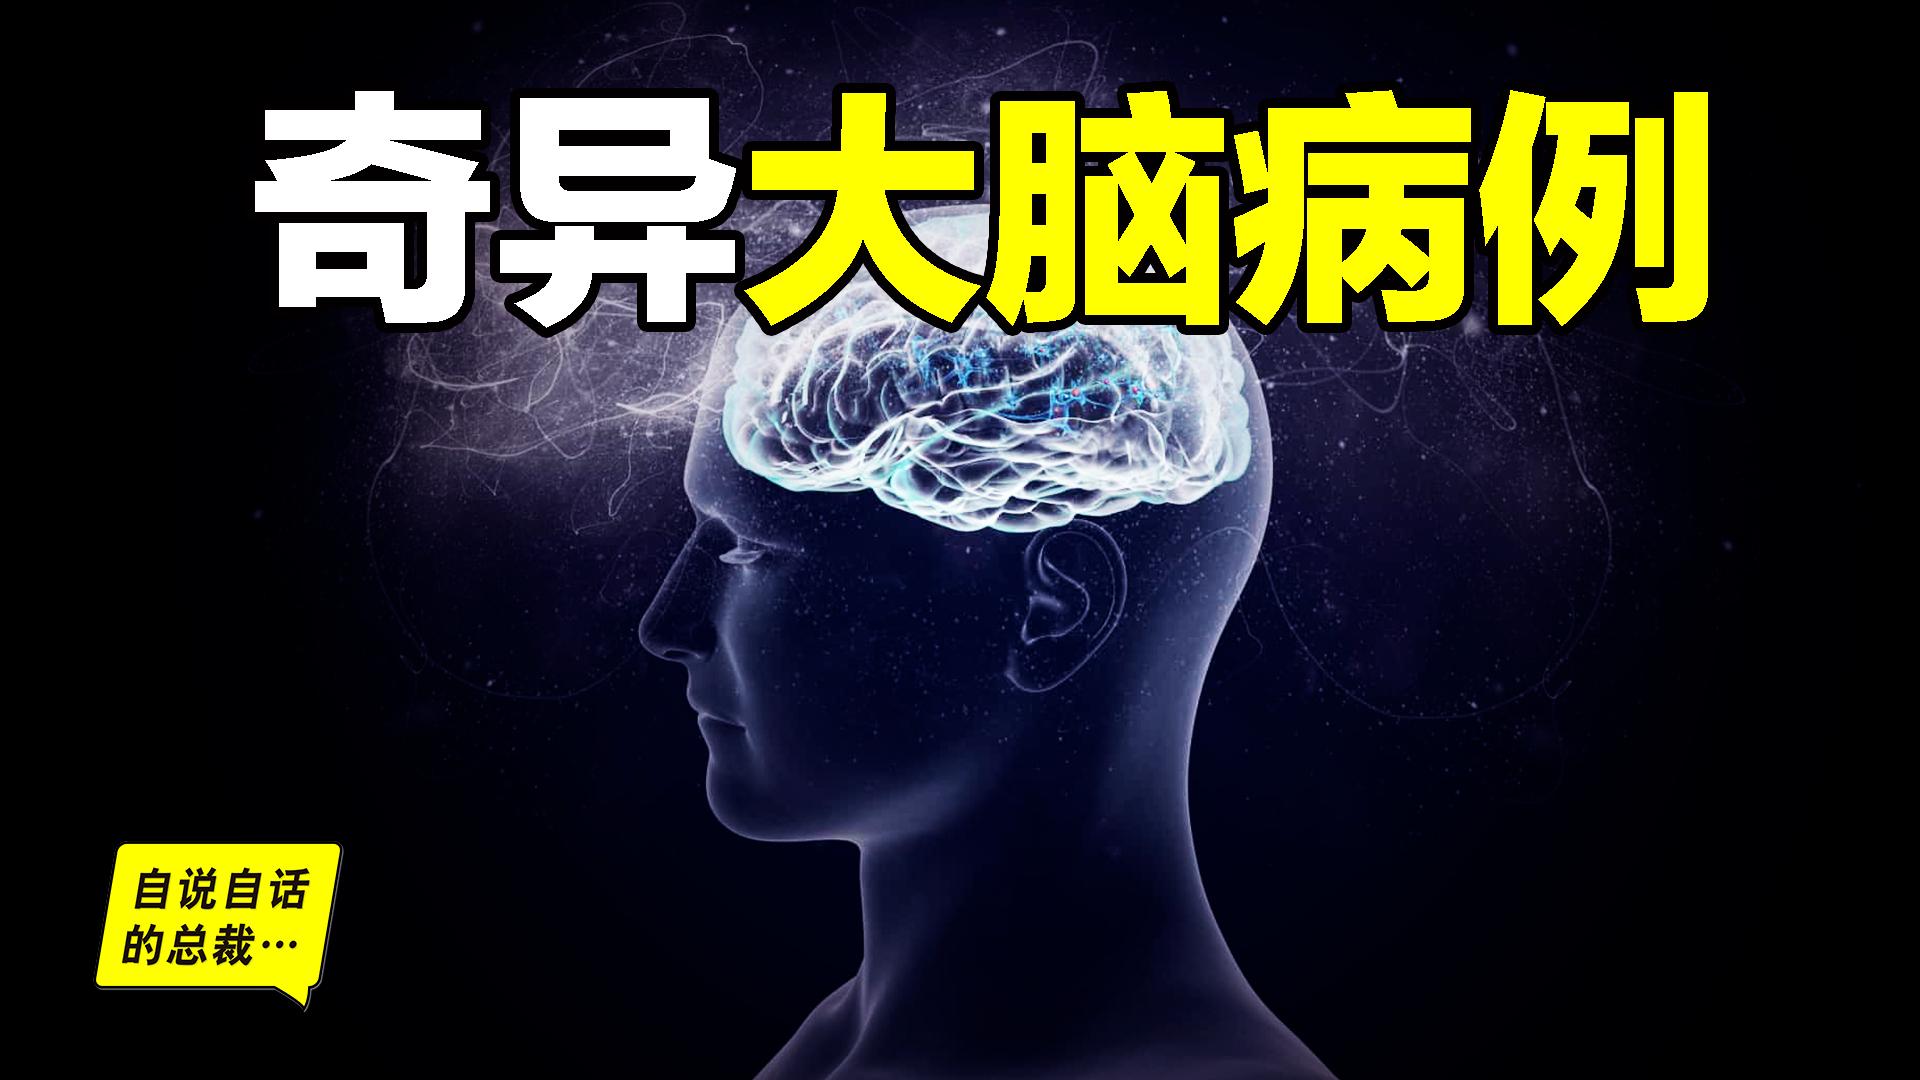 探访脑中异世界:4个不可思议的真实大脑案例,发现大脑奇异世界